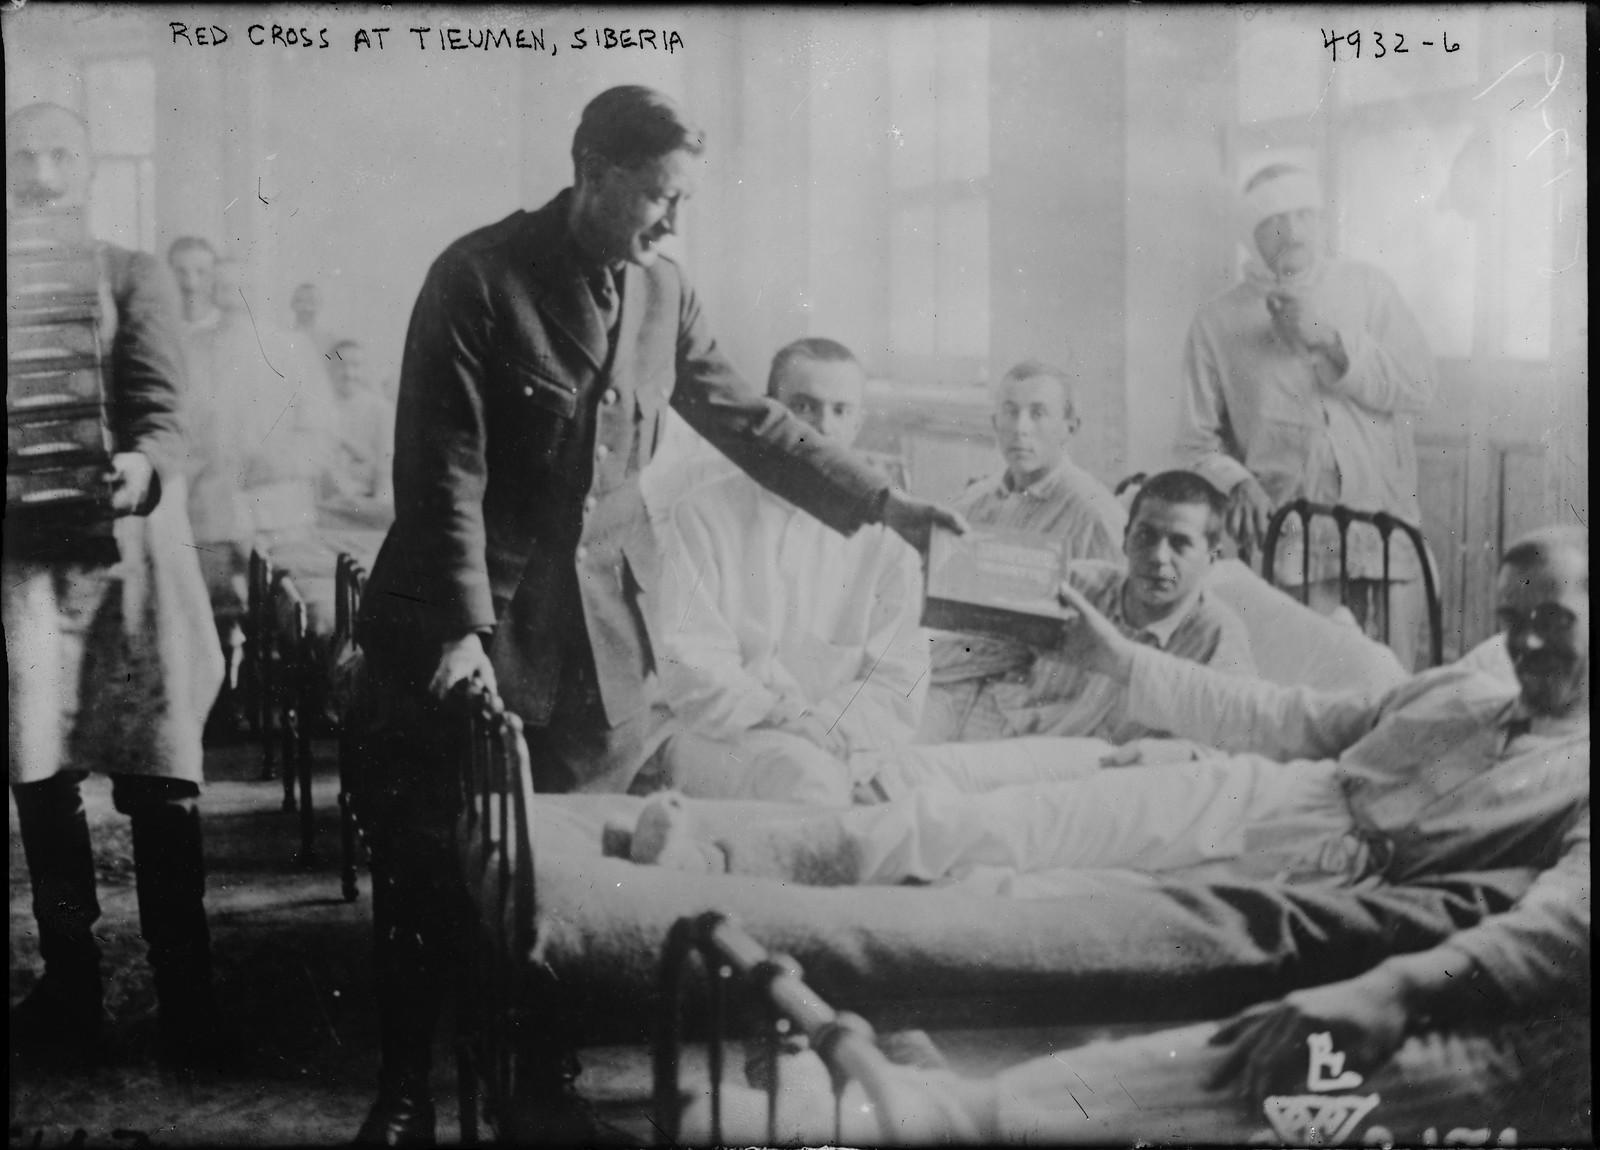 22. 1919. Тюмень. Представители Красного Креста раздают сигареты пациентам